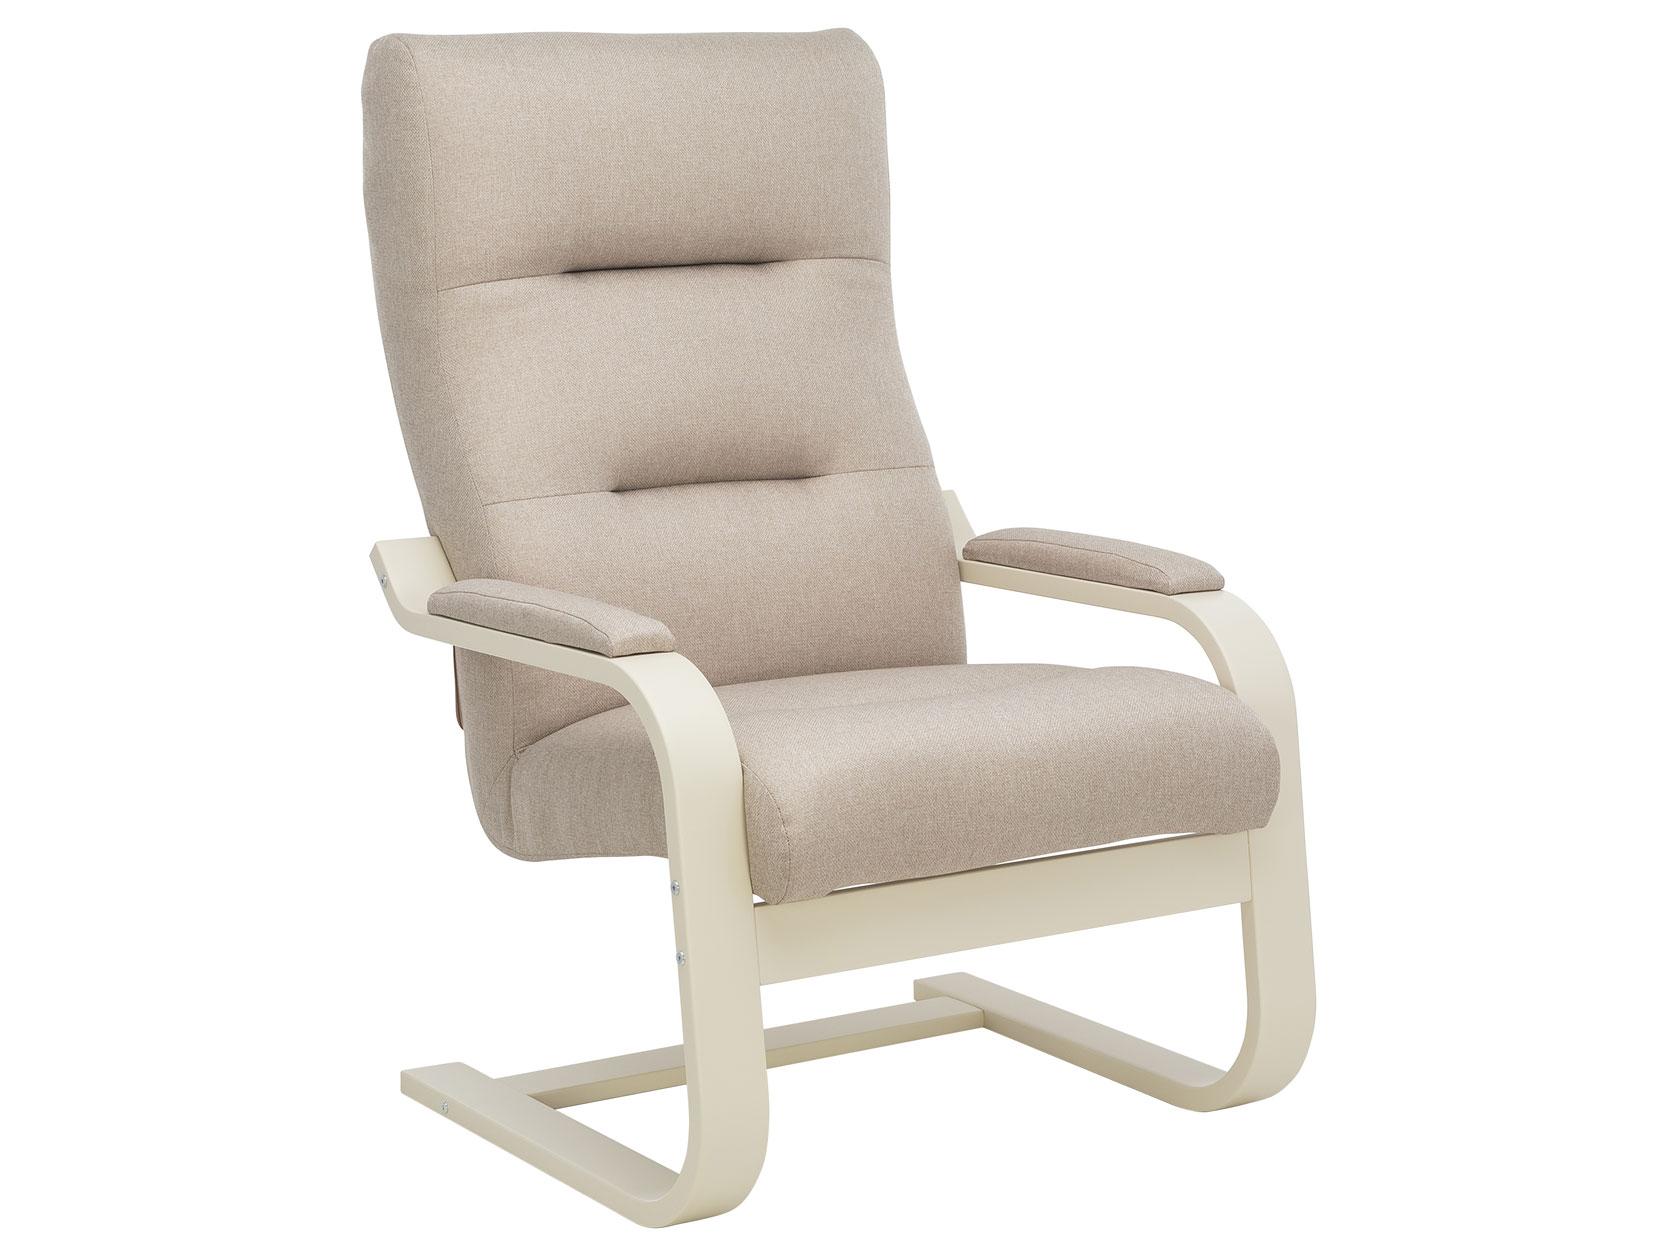 Кресло-качалка 179-115989